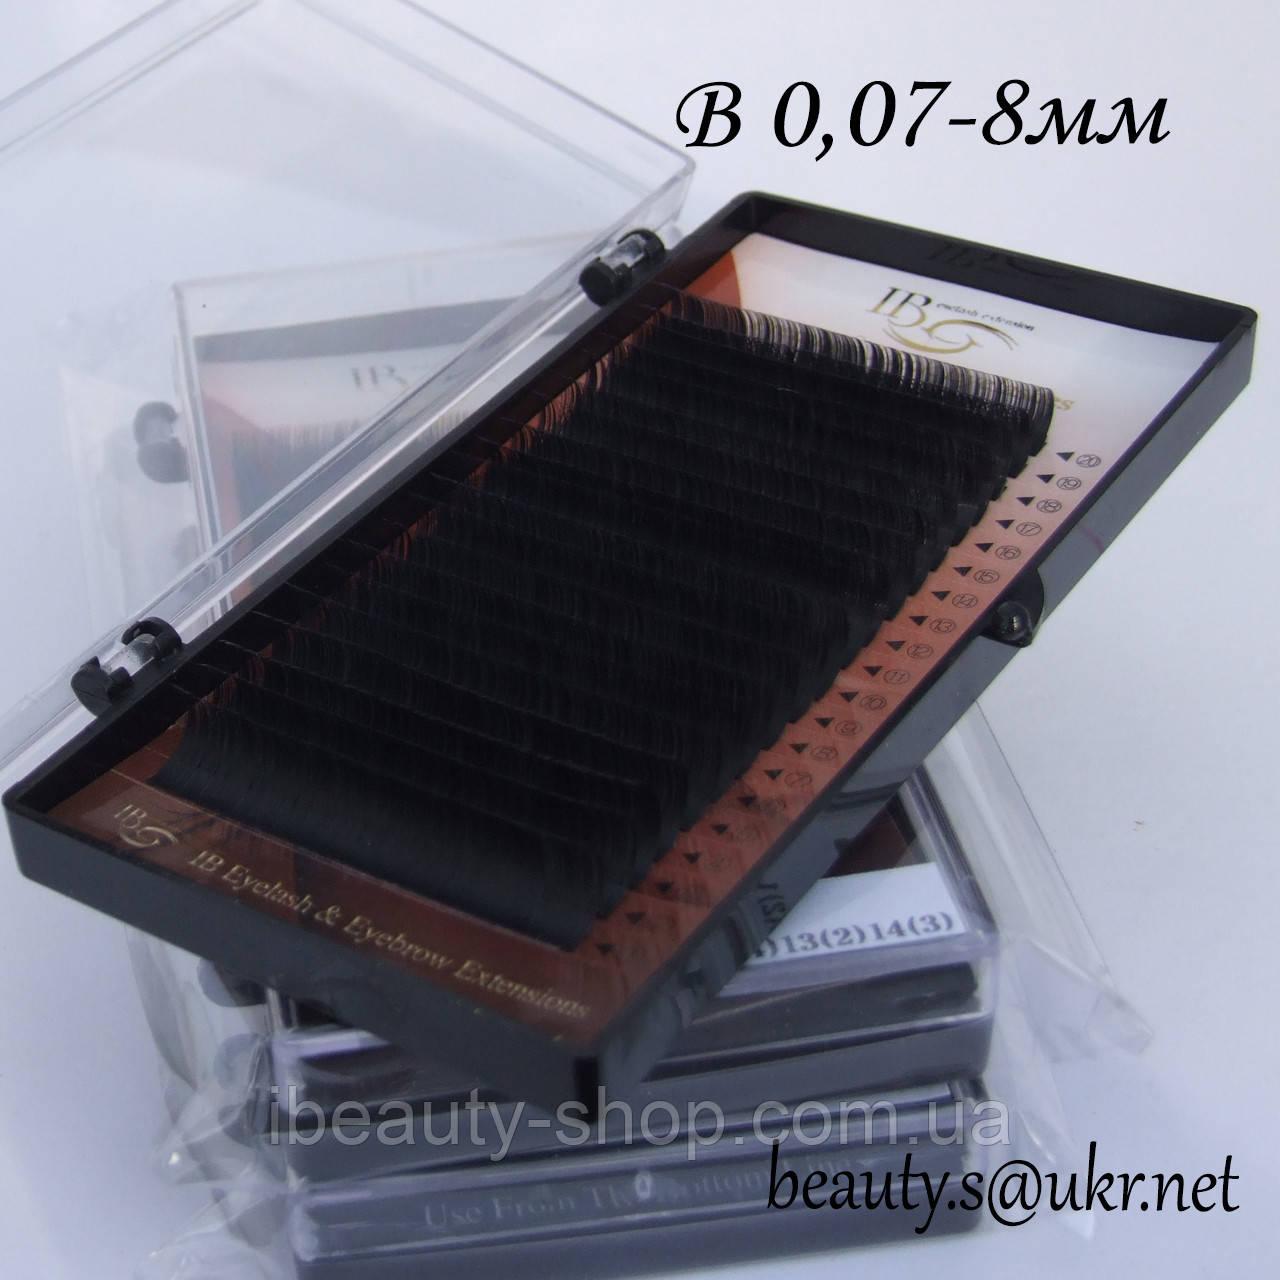 Вії I-Beauty на стрічці B 0,07-8мм